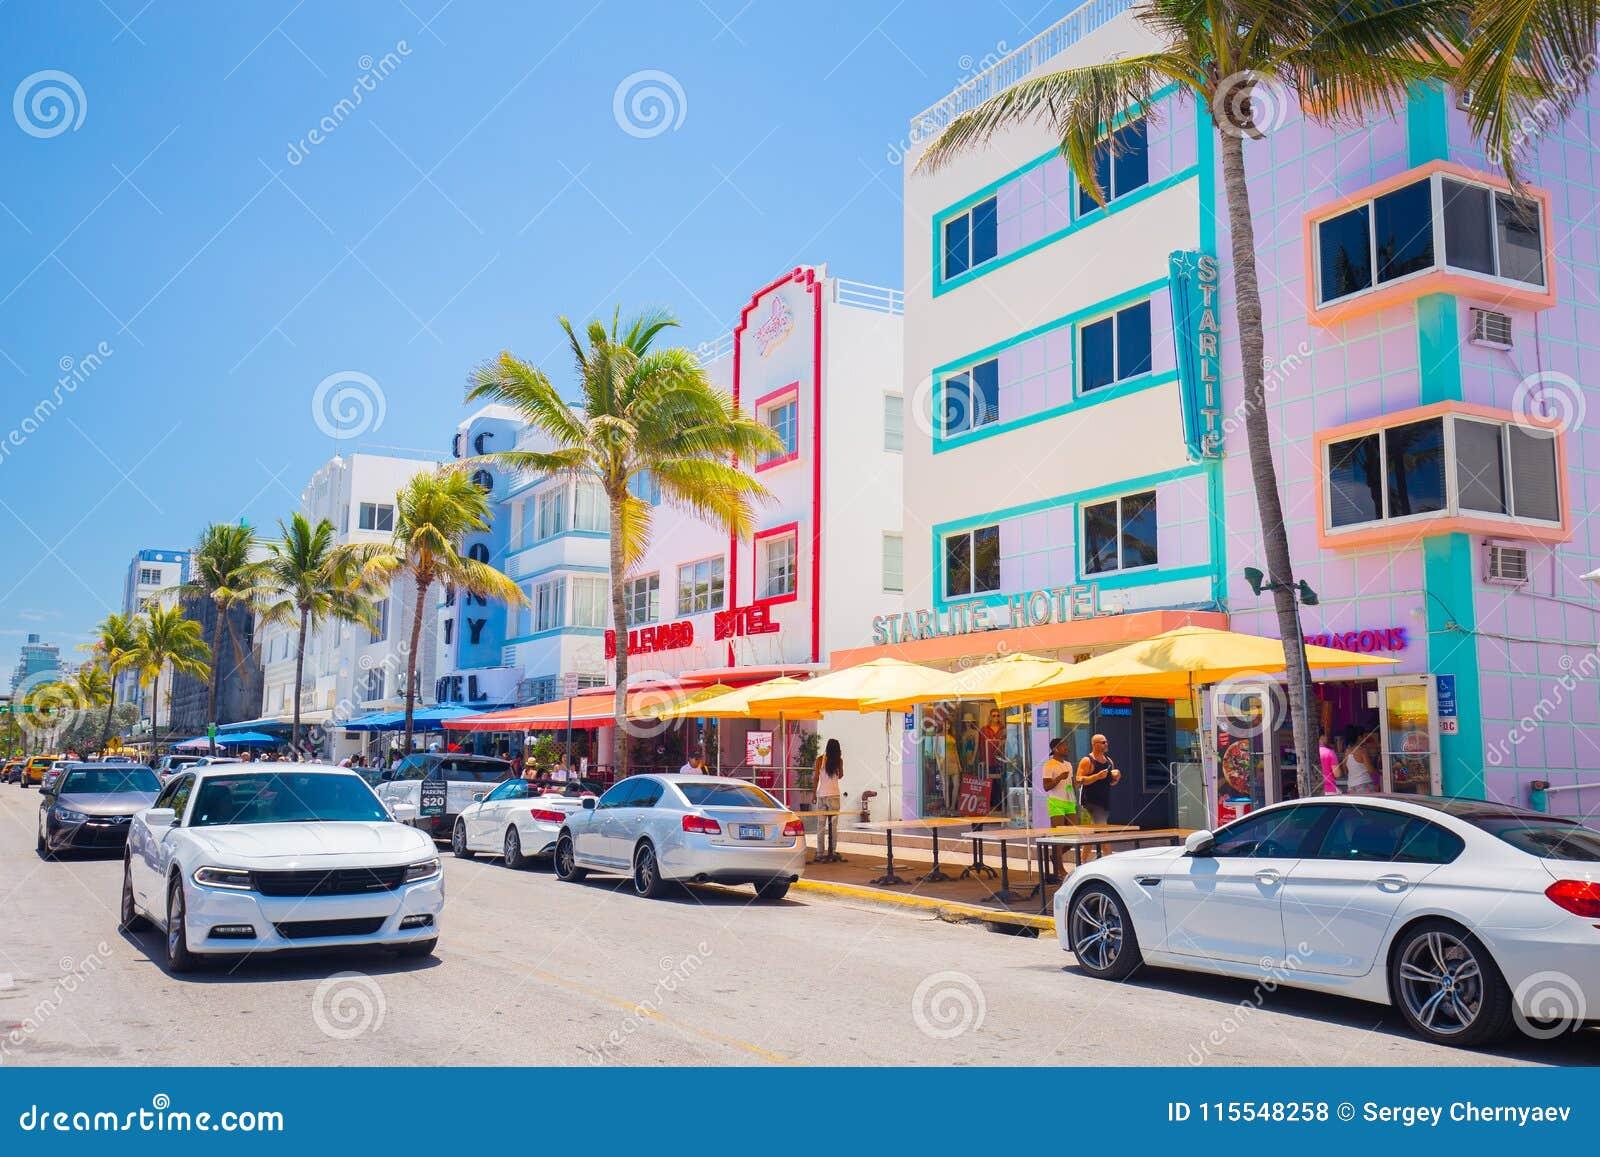 South Beach Miami Beach Ocean Drive Street Architectural